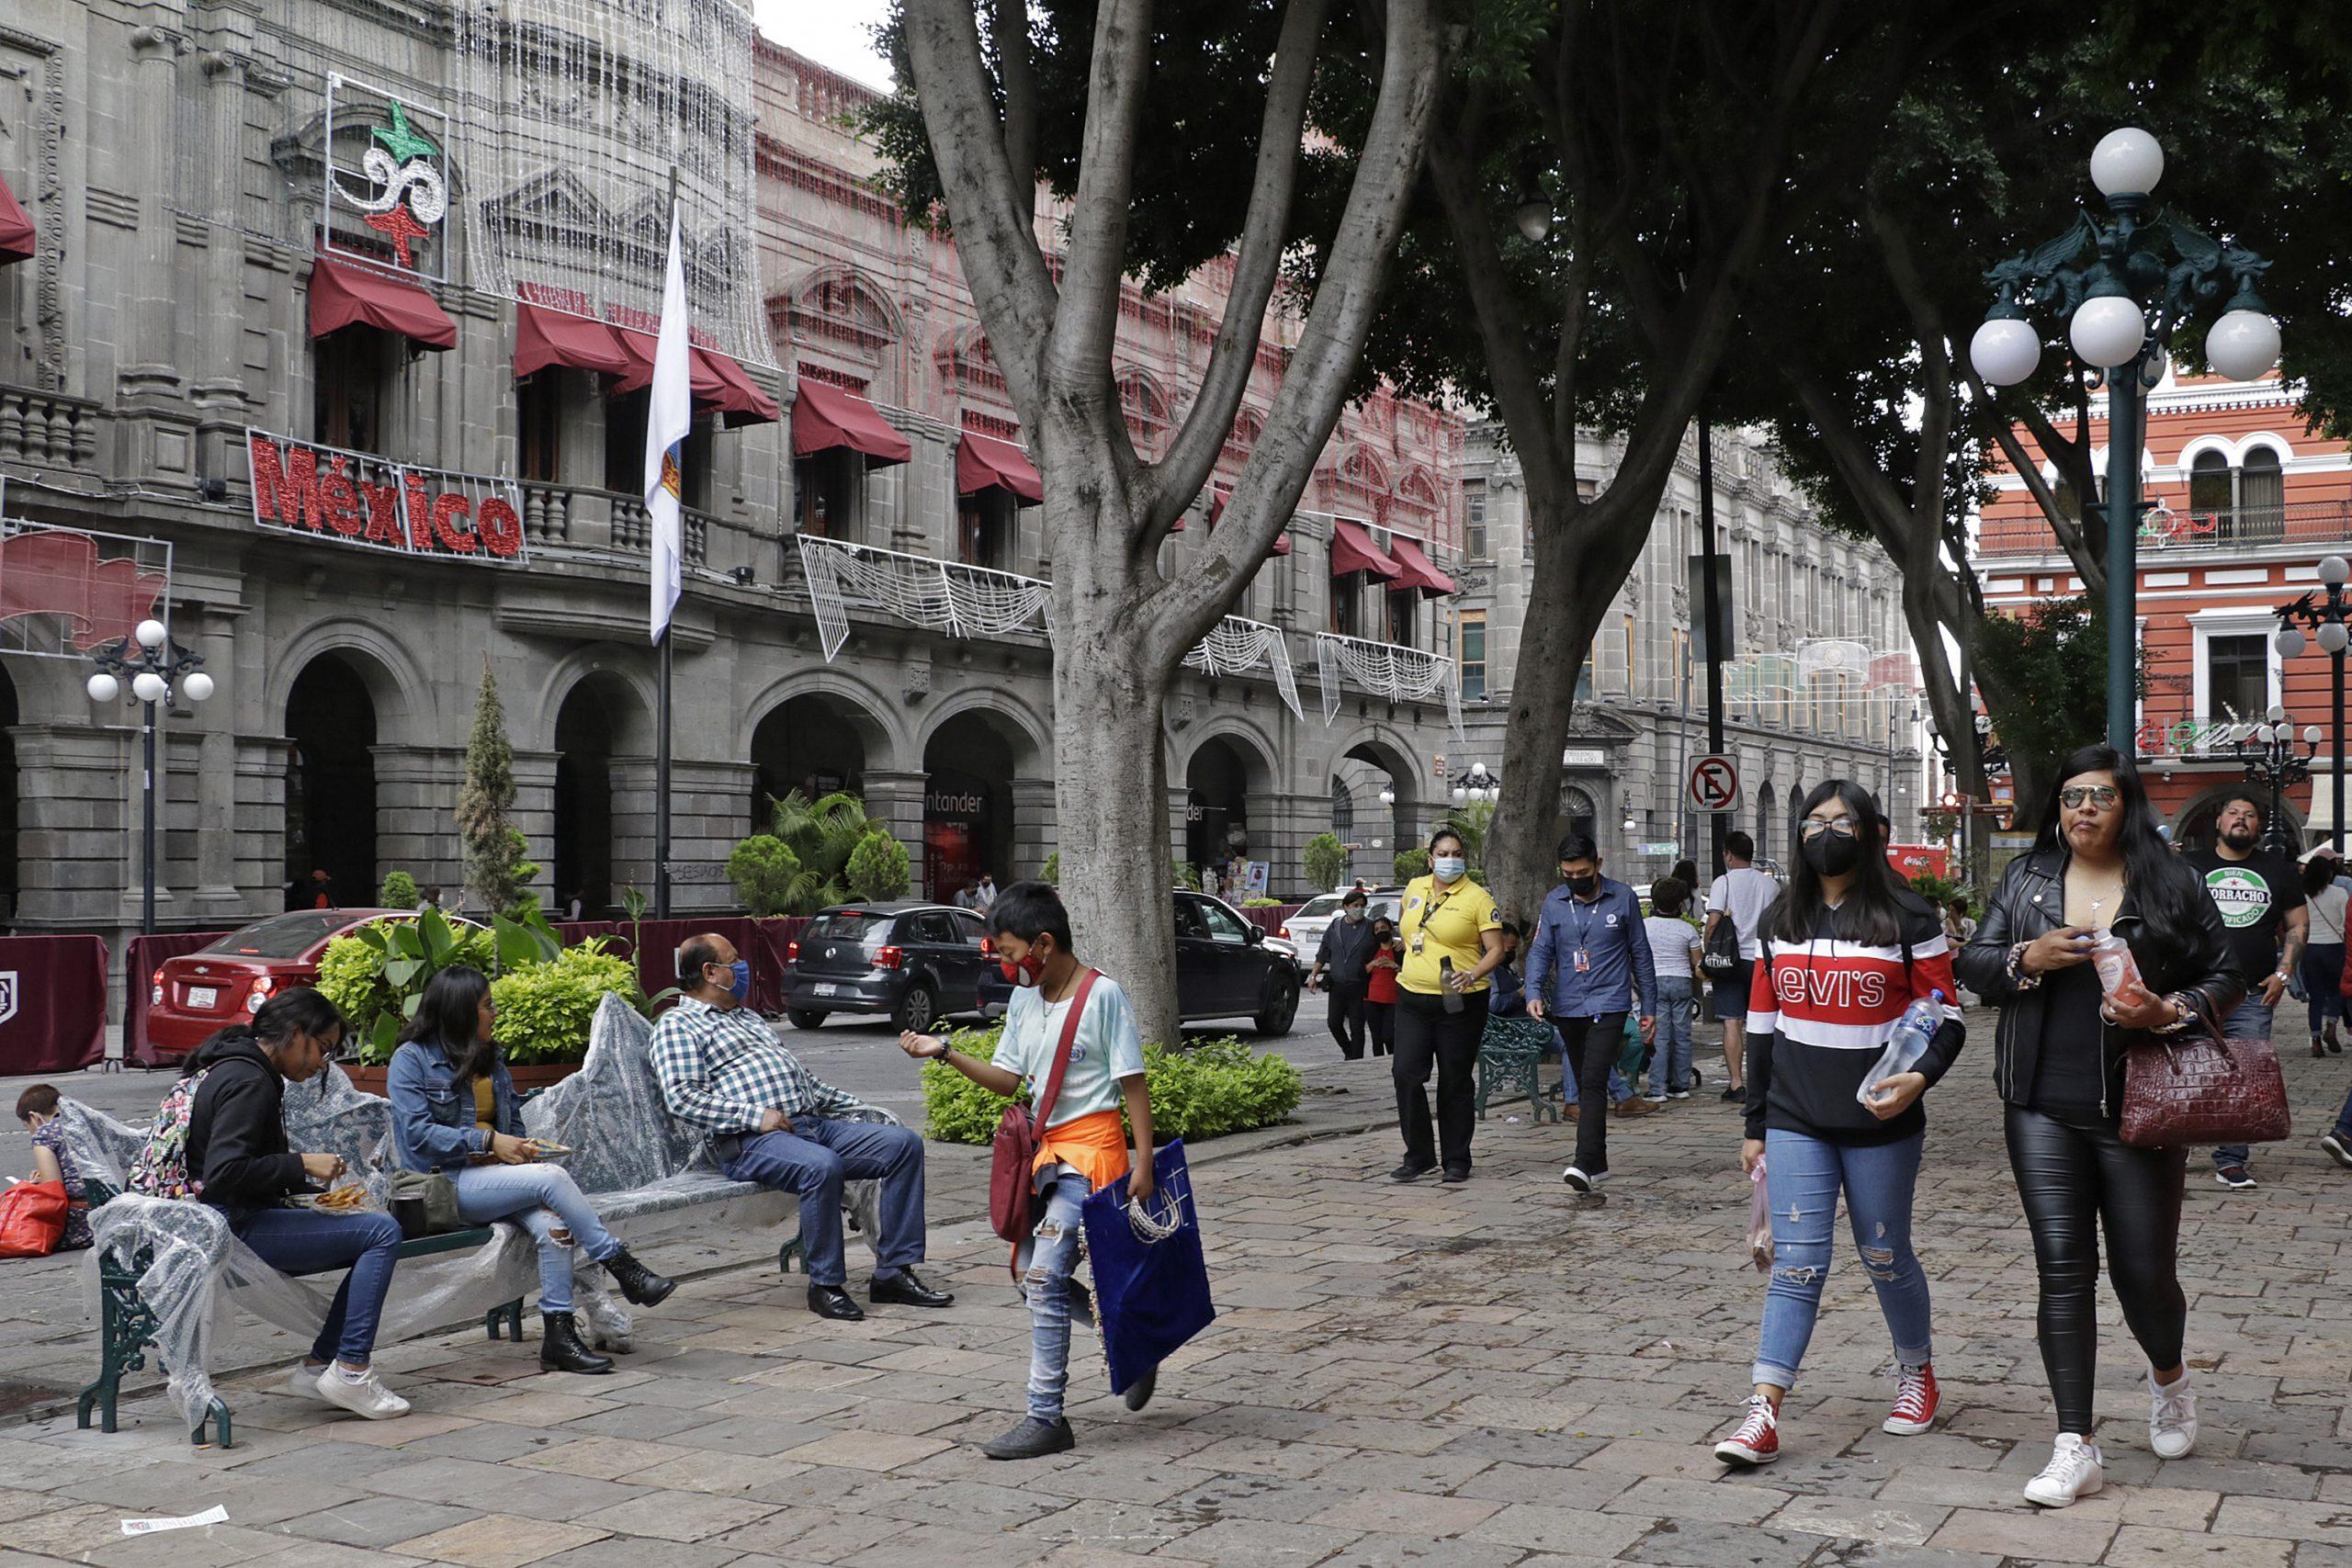 Centro Histórico de Puebla aún sin aceleración comercial significativa; sector restaurantero, el más beneficiado